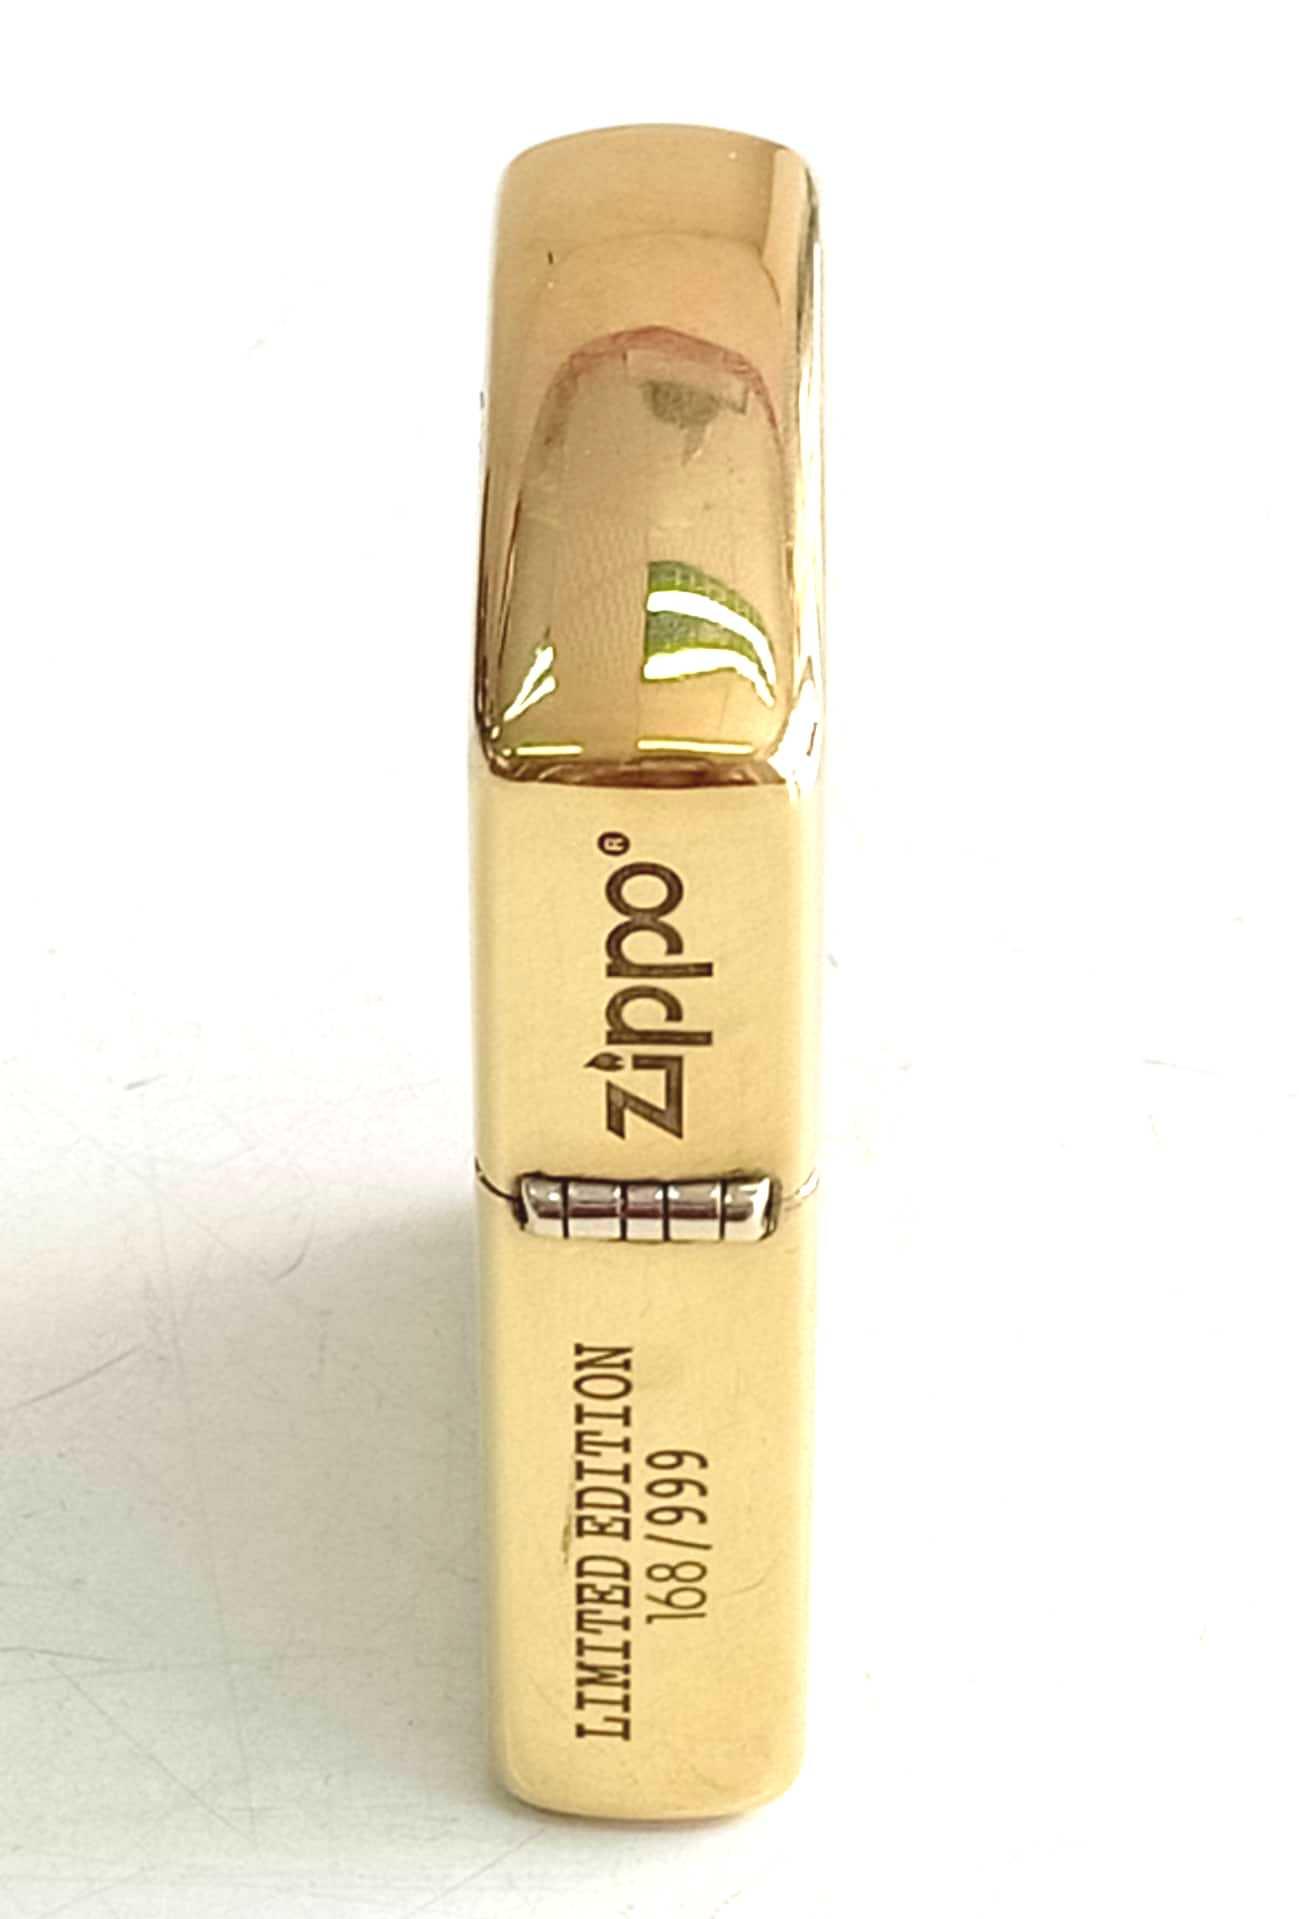 Zippo vang cao cap khac 4 mat Z818 4